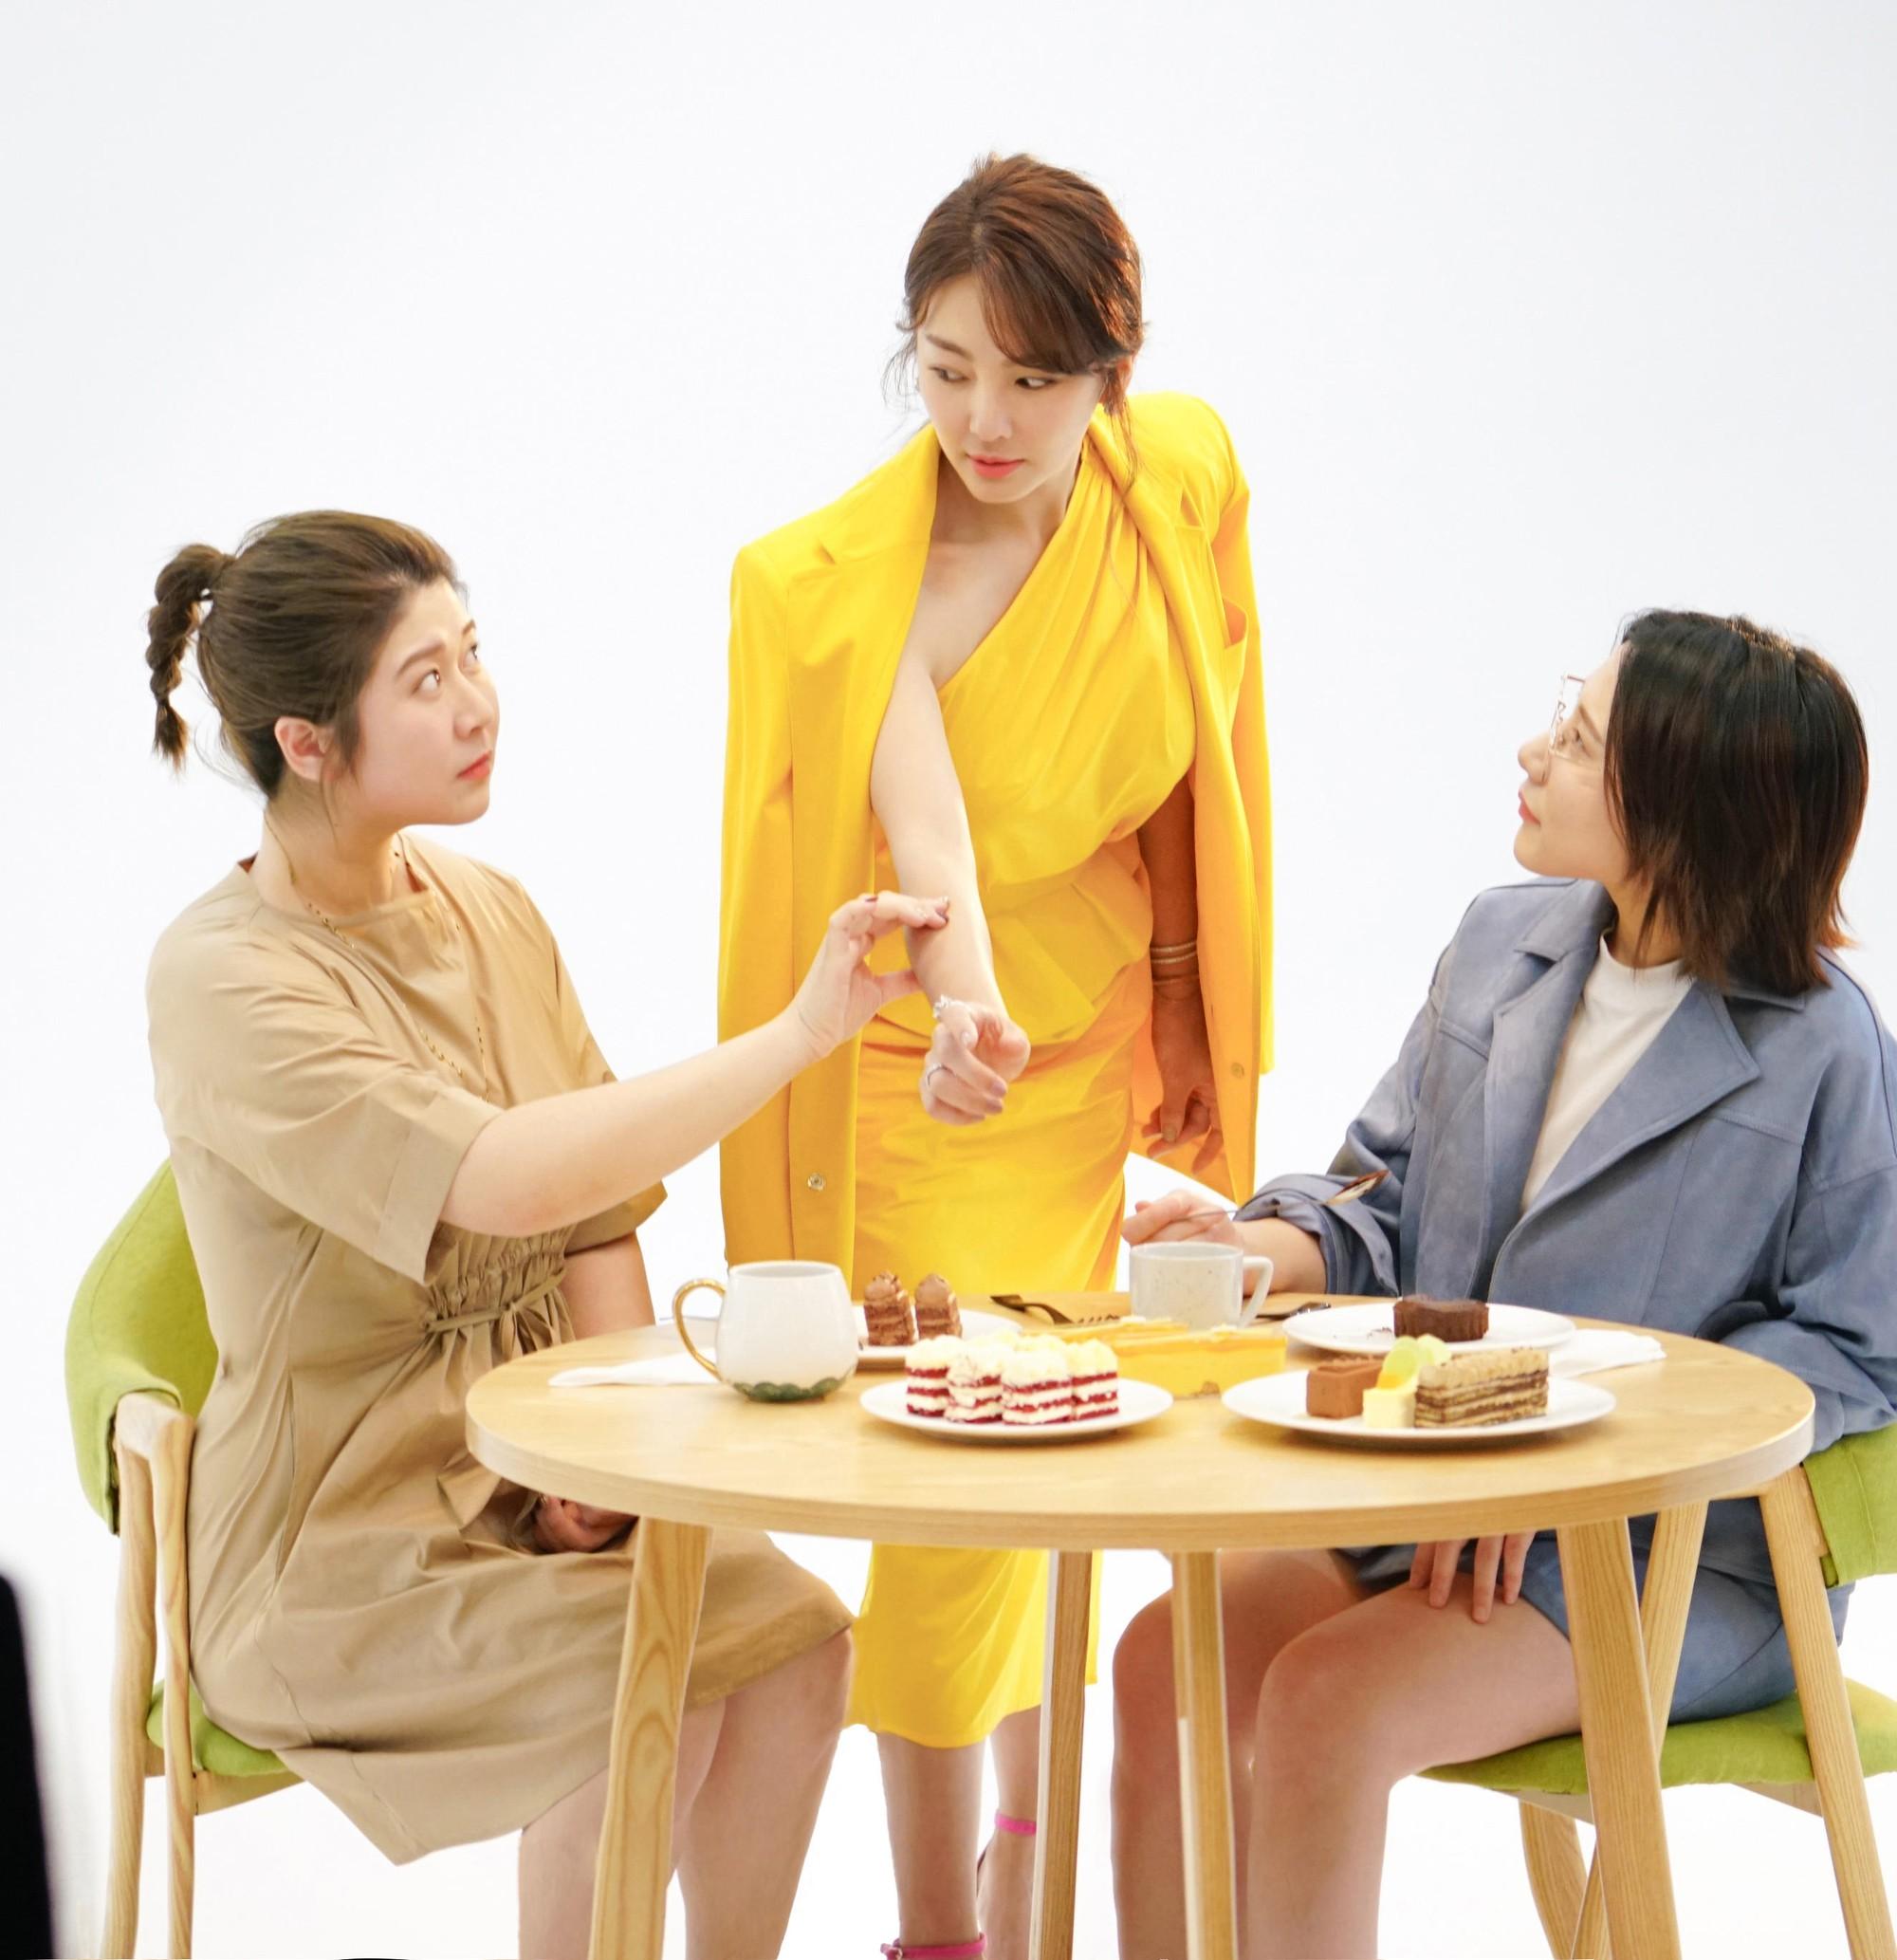 Song Hye Kyo Trung Quốc lộ nhẫn kim cương khủng, chuẩn bị cưới đại gia lần 3 sau scandal đâm chồng cũ? - Ảnh 4.